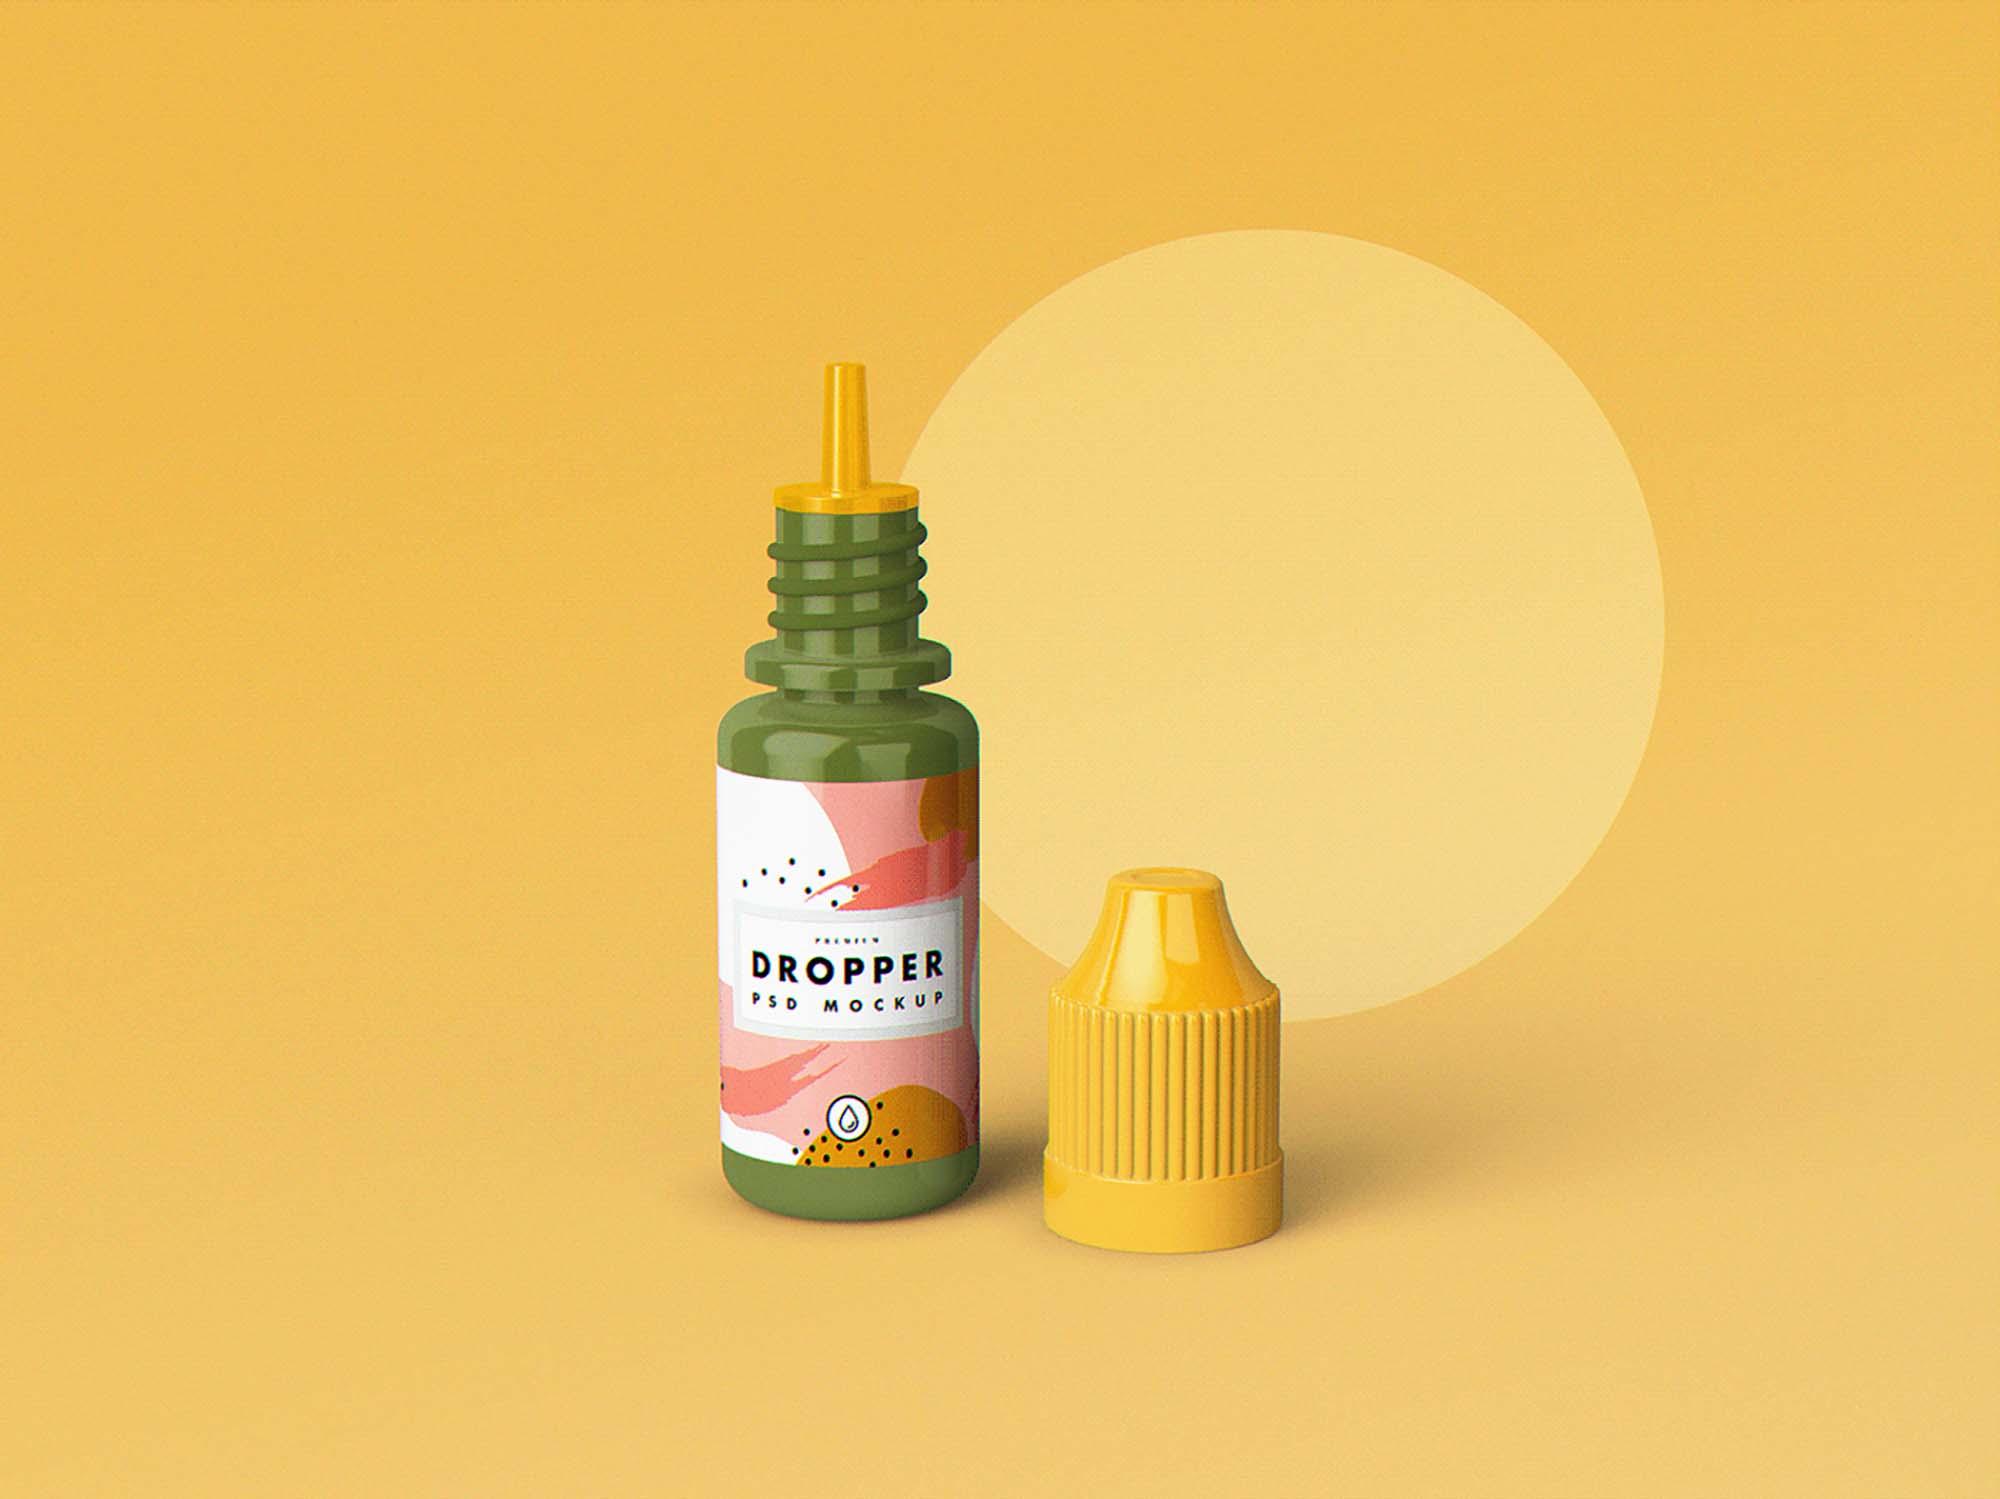 E-Juice Dropper Bottle Mockup